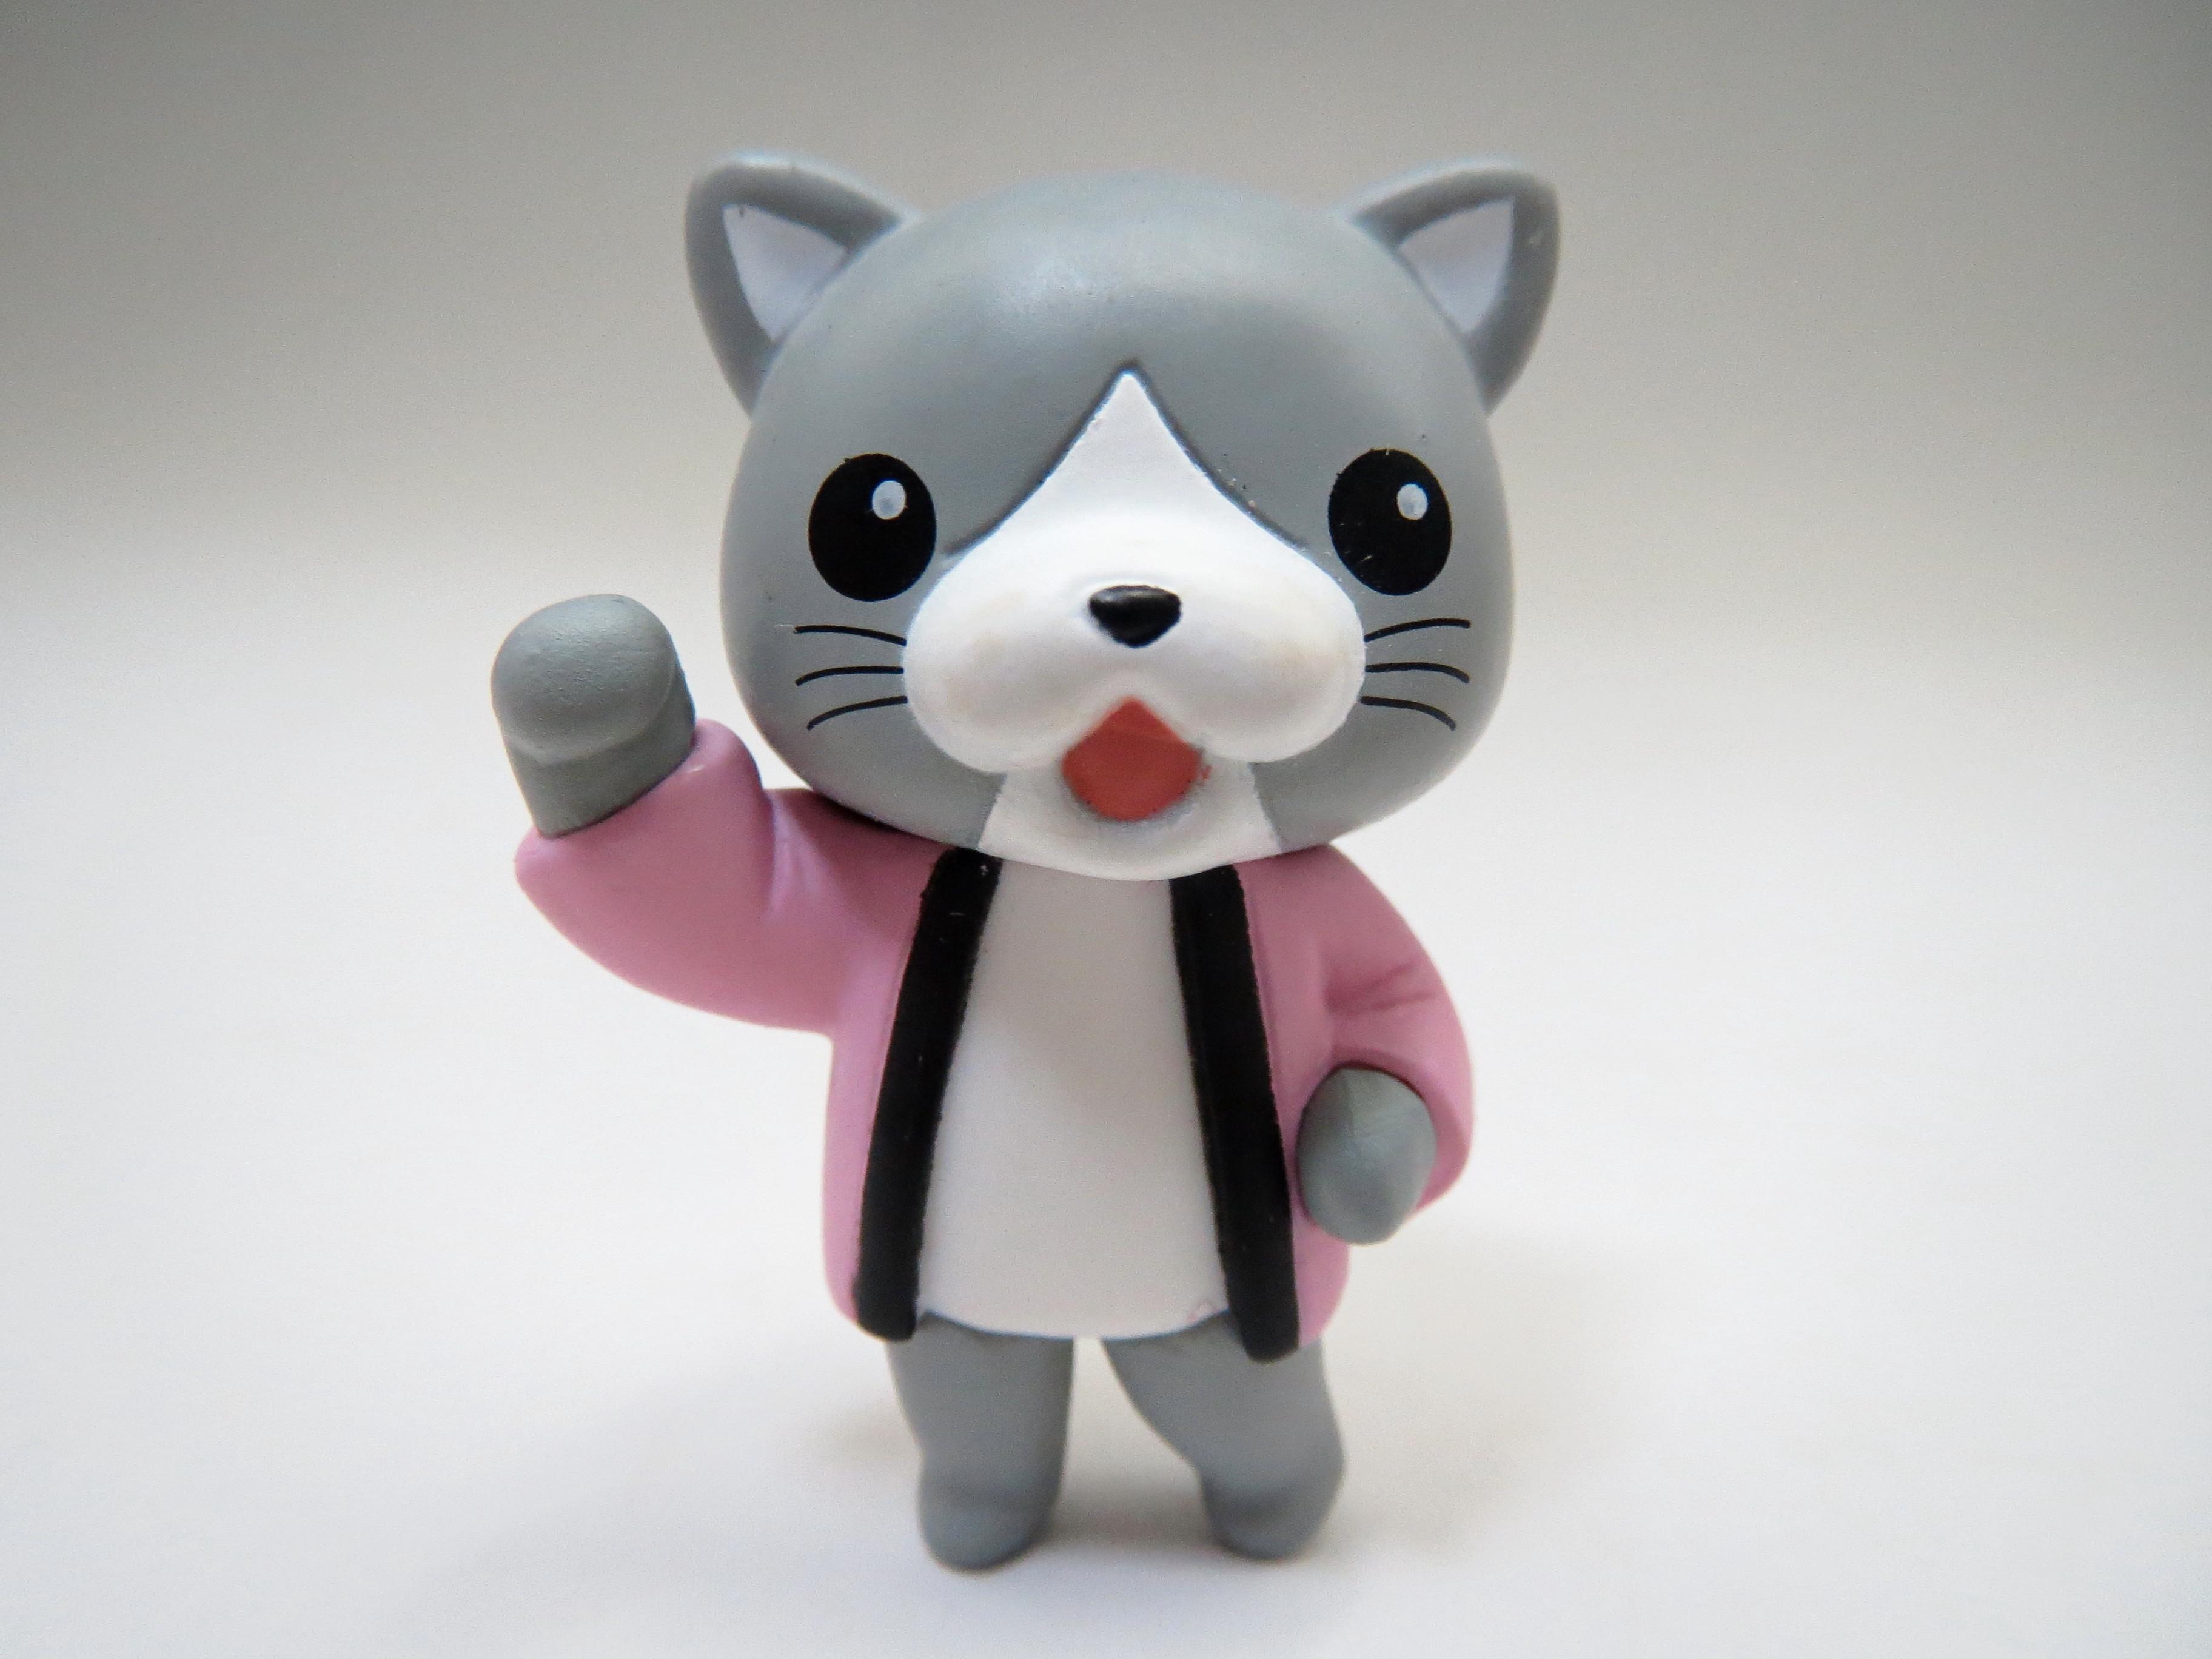 【SALE】【321】 田村ゆかり 小物パーツ くすんだネコ ねんどろいど